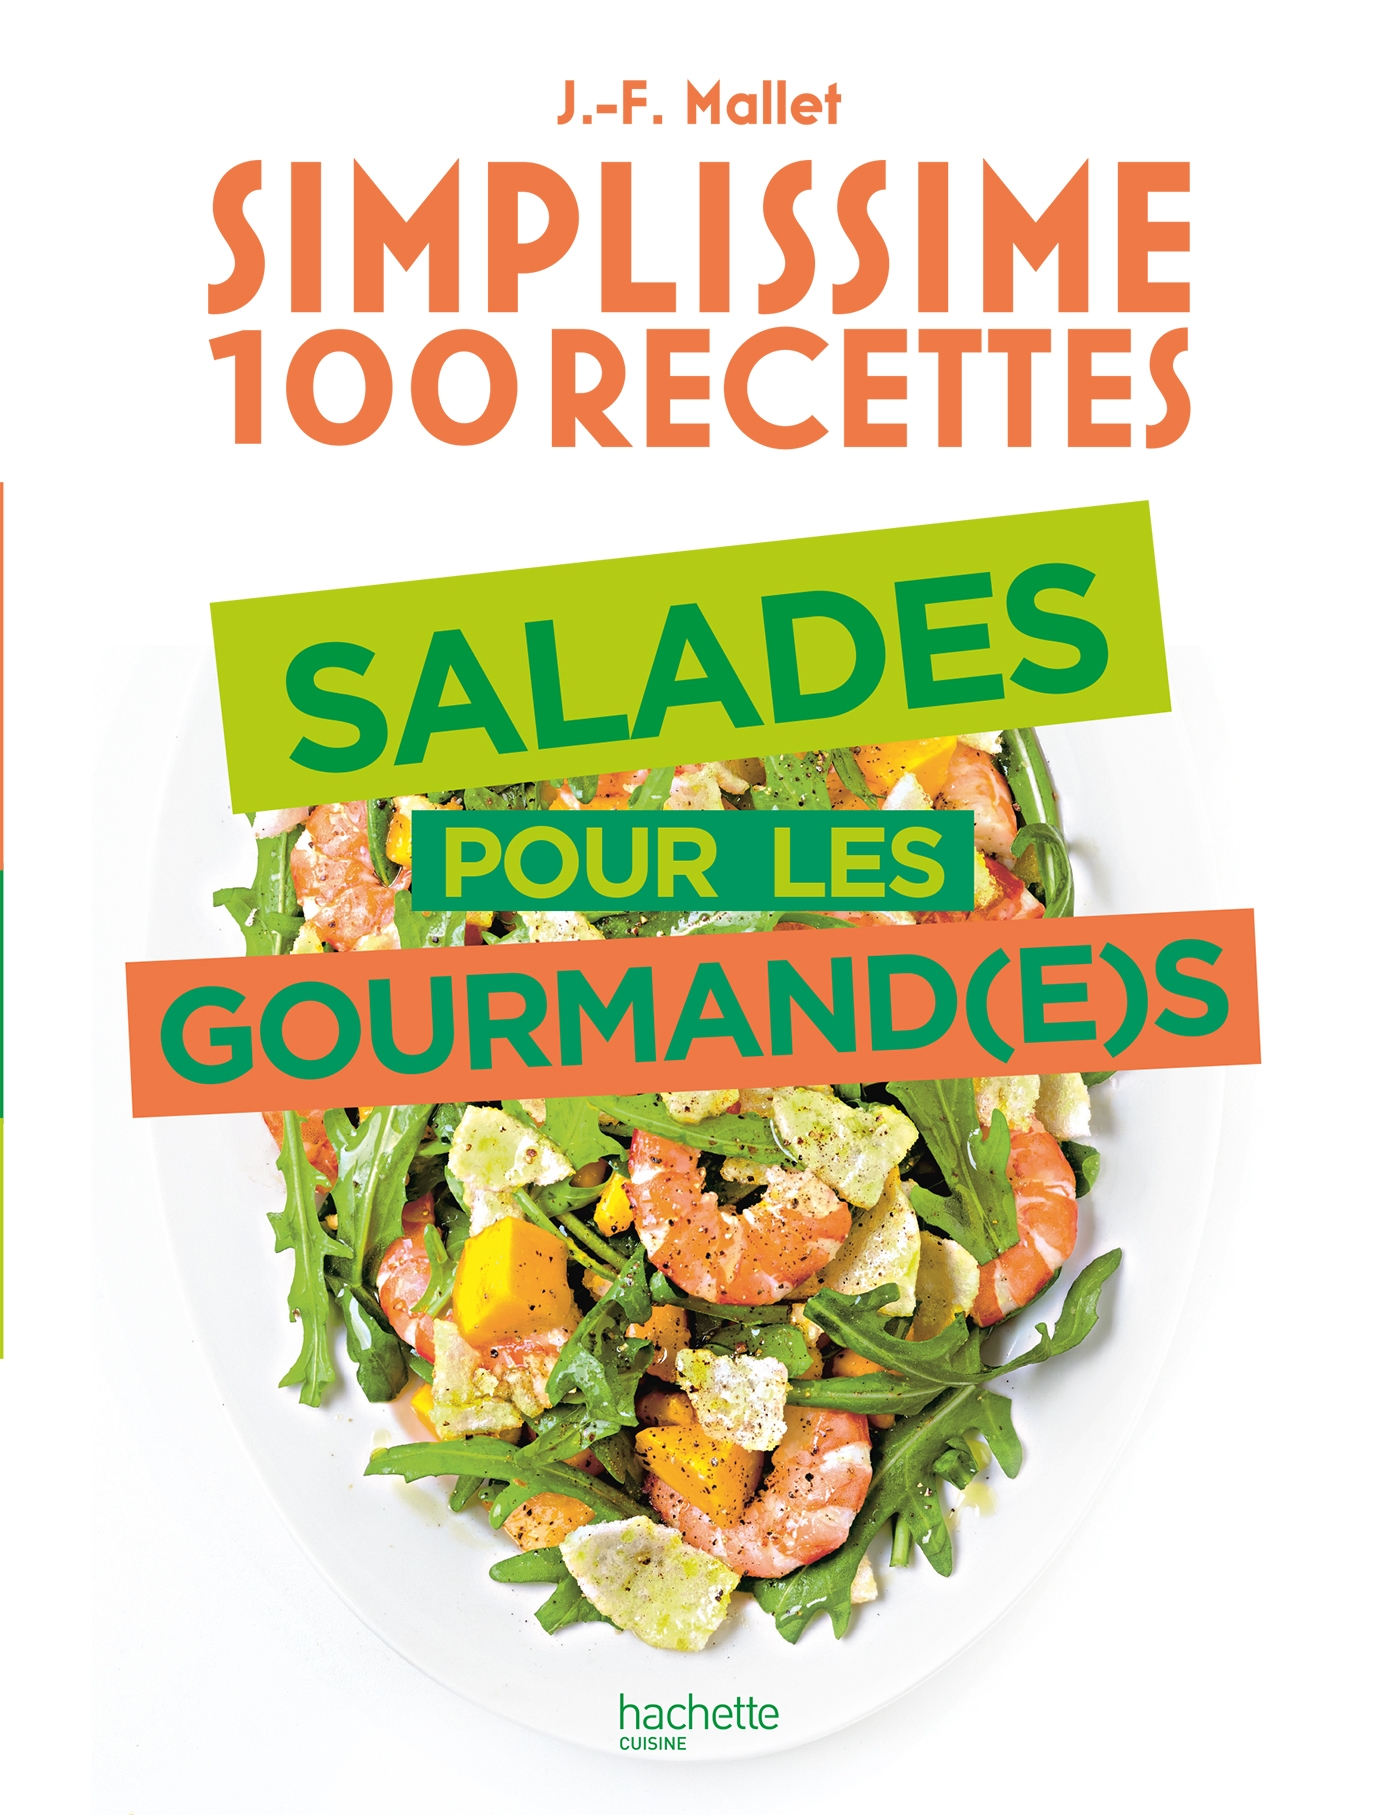 Simplissime 100 recettes : Salades pour les gourmand(e)s | Mallet, Jean-François. Auteur